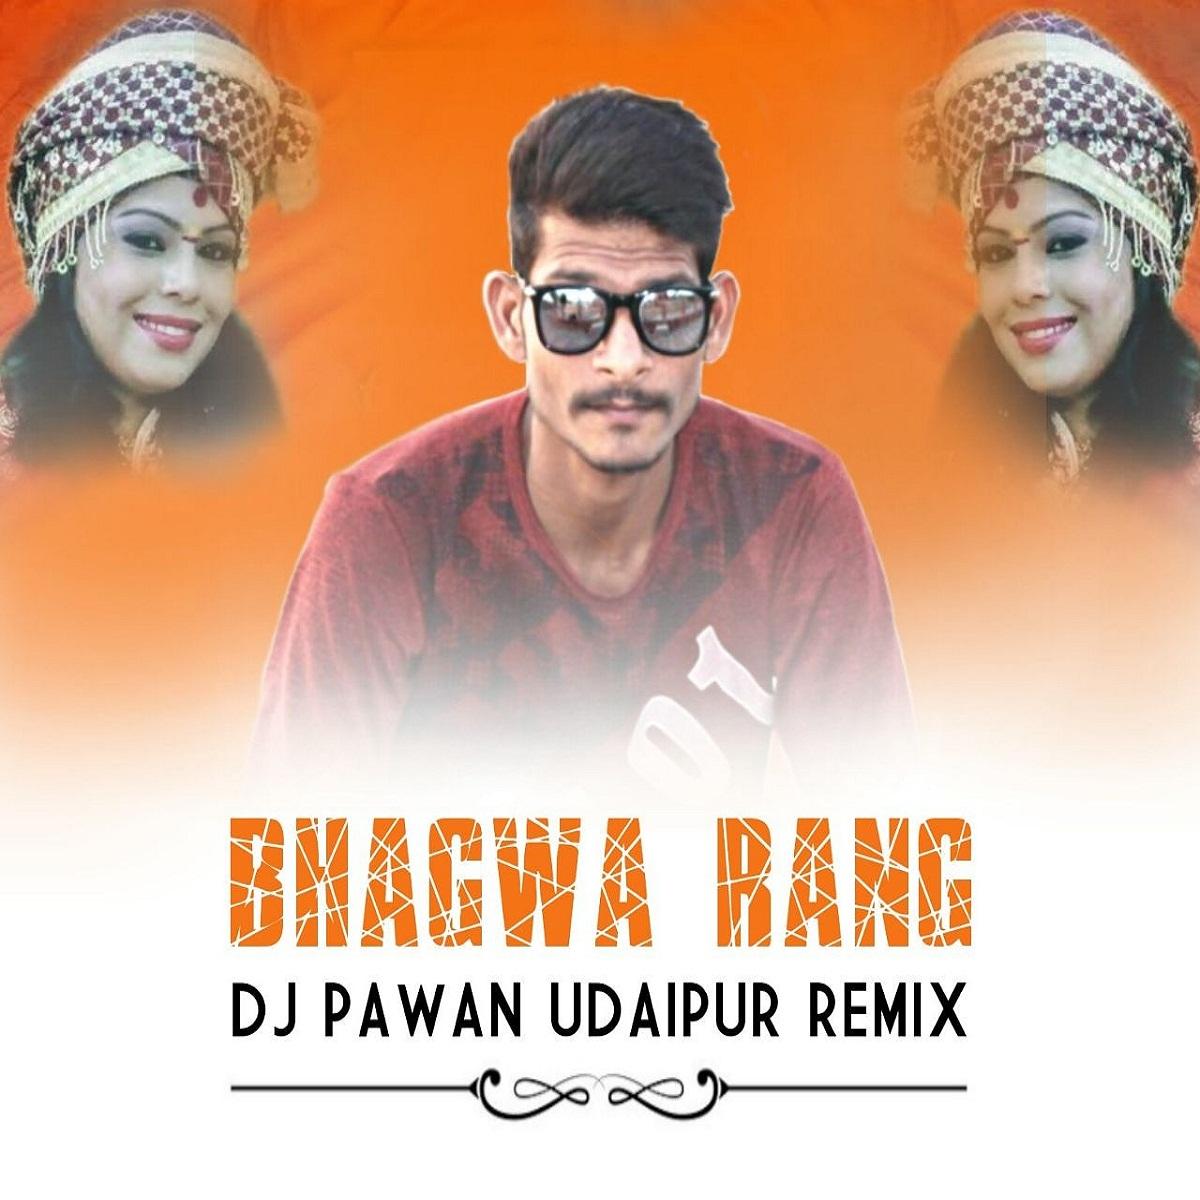 Bhagwa Rang Dj: Bhagwa Rang Dhol (Reggaeton Mix) Pawan Vasita Udaipur